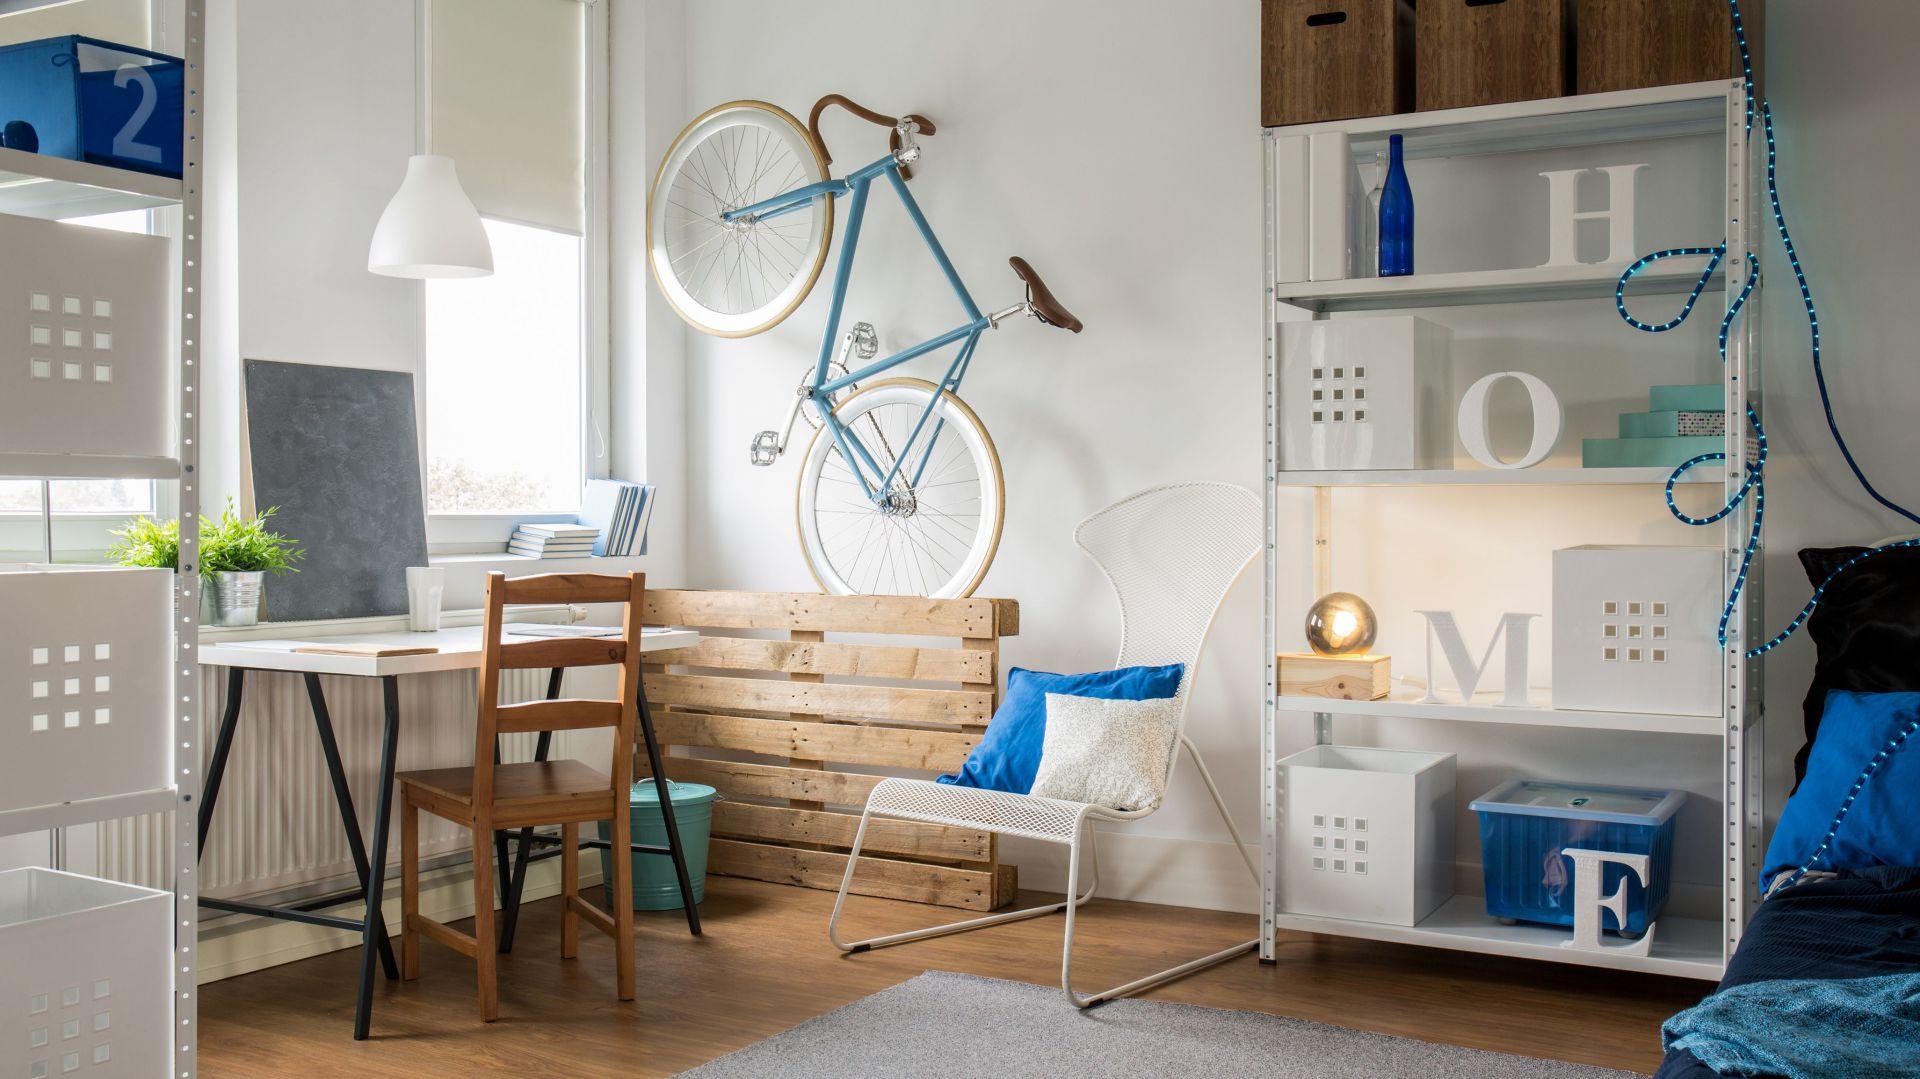 5 sposobów, jak zaaranżować małą przestrzeń. Fot. Franc Gardiner